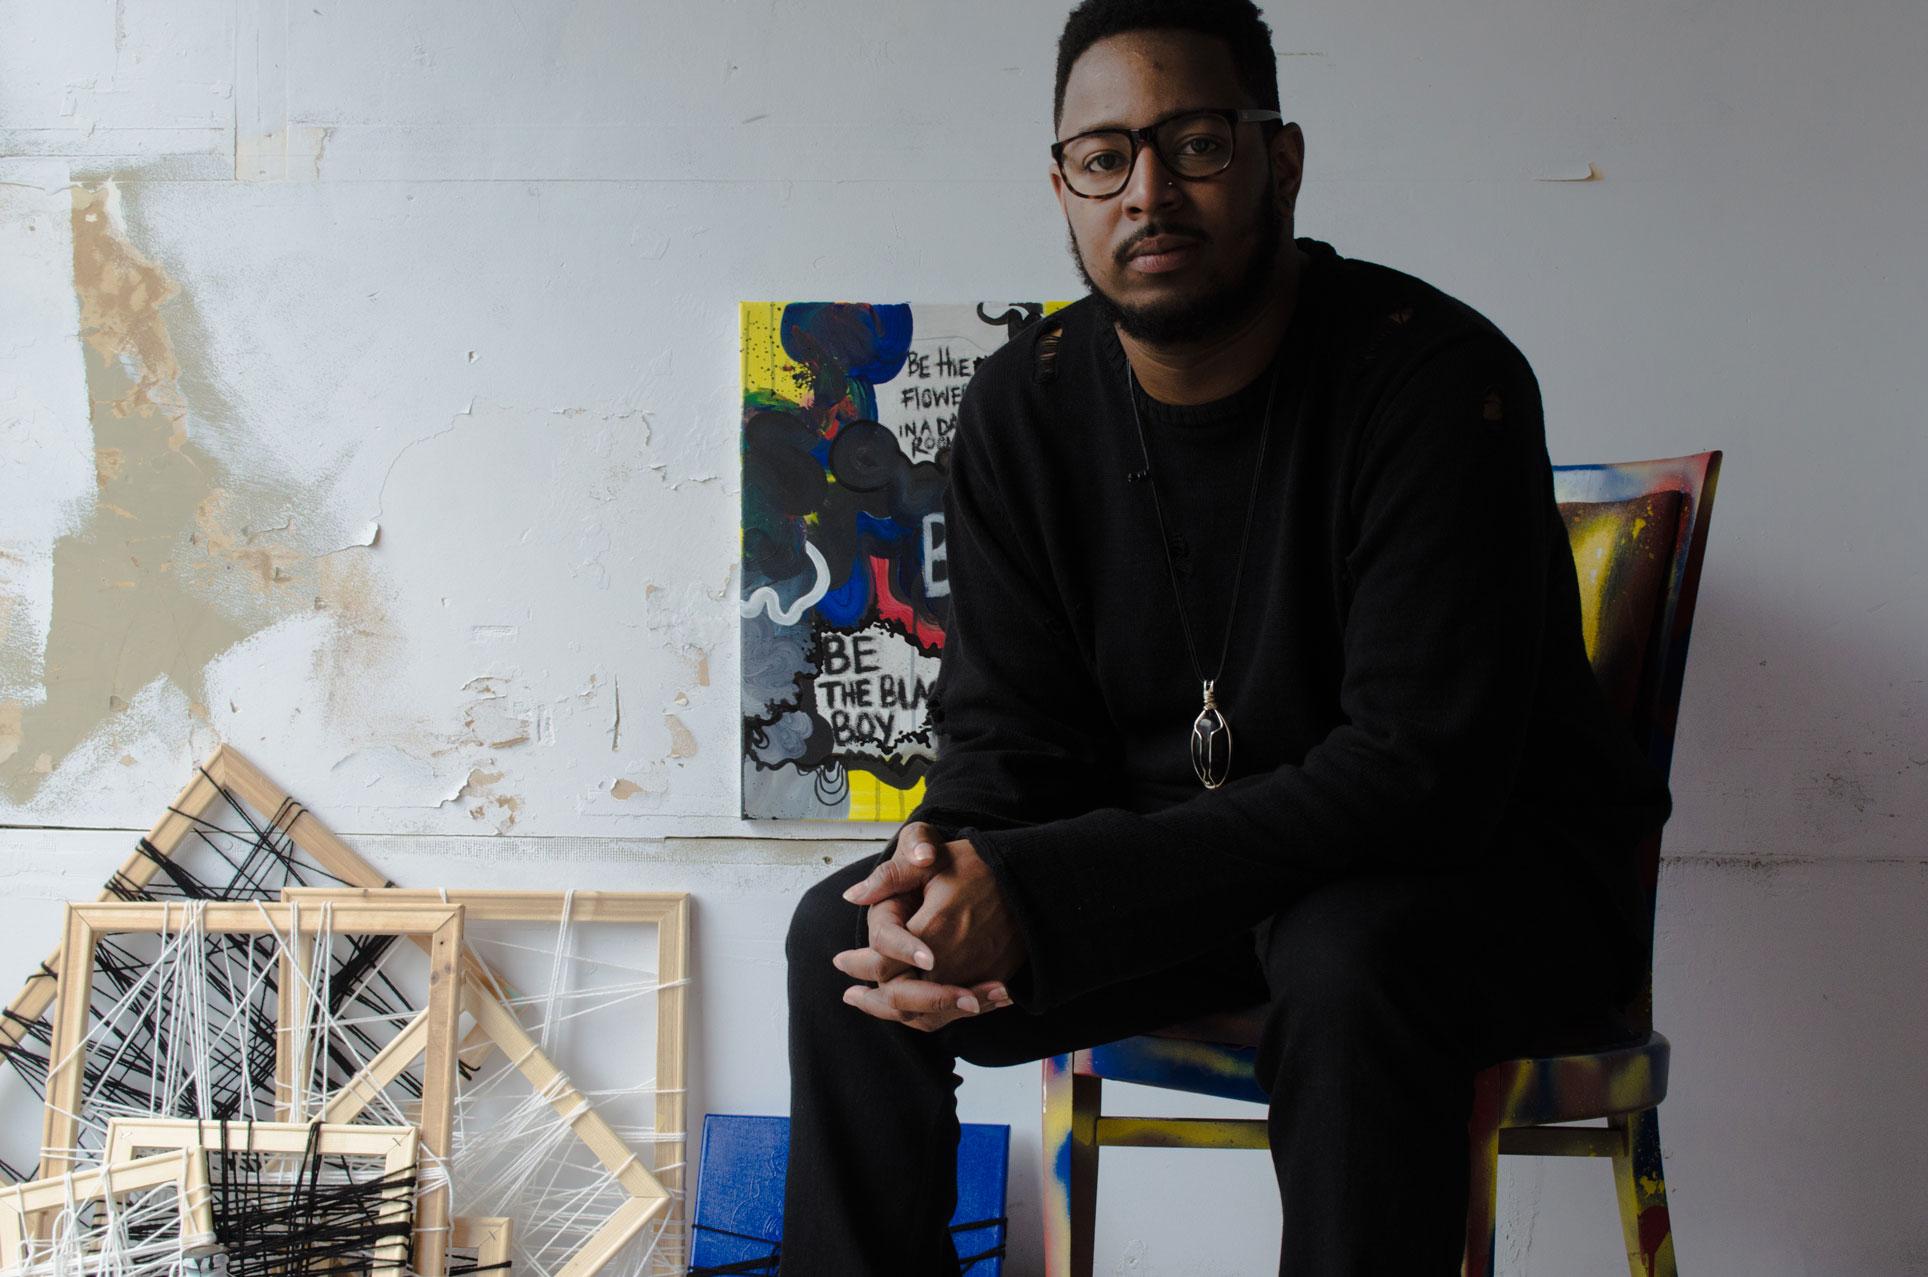 Artist Reece Moore in his Tampa Studio